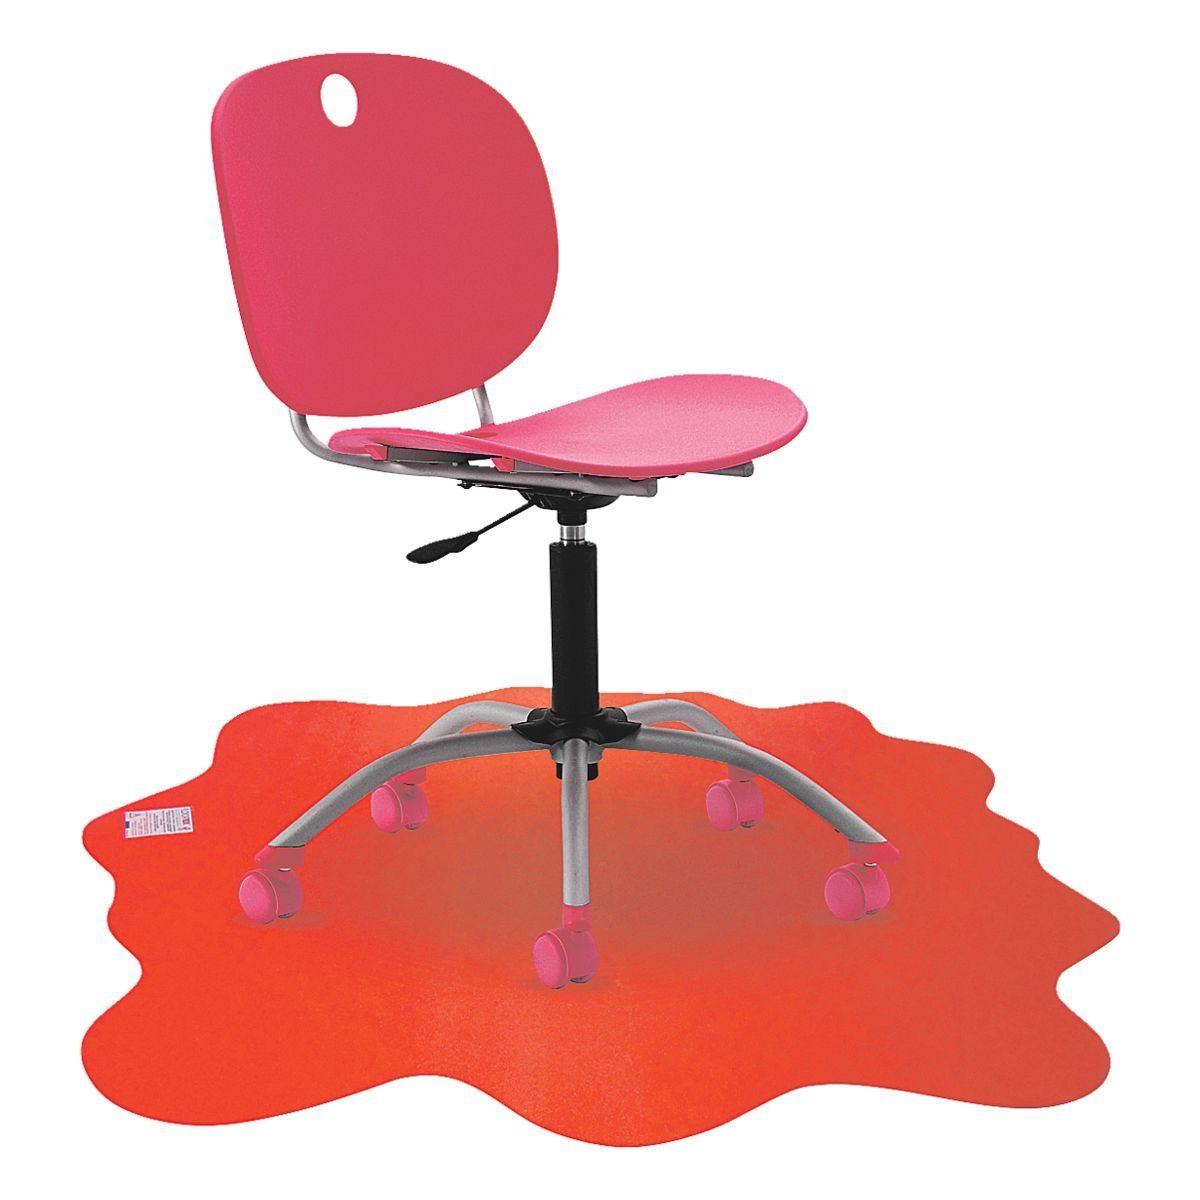 Floortex Bodenschutzmatte 100x100 cm Form Klecks für niederflorig... »Sploshmat«